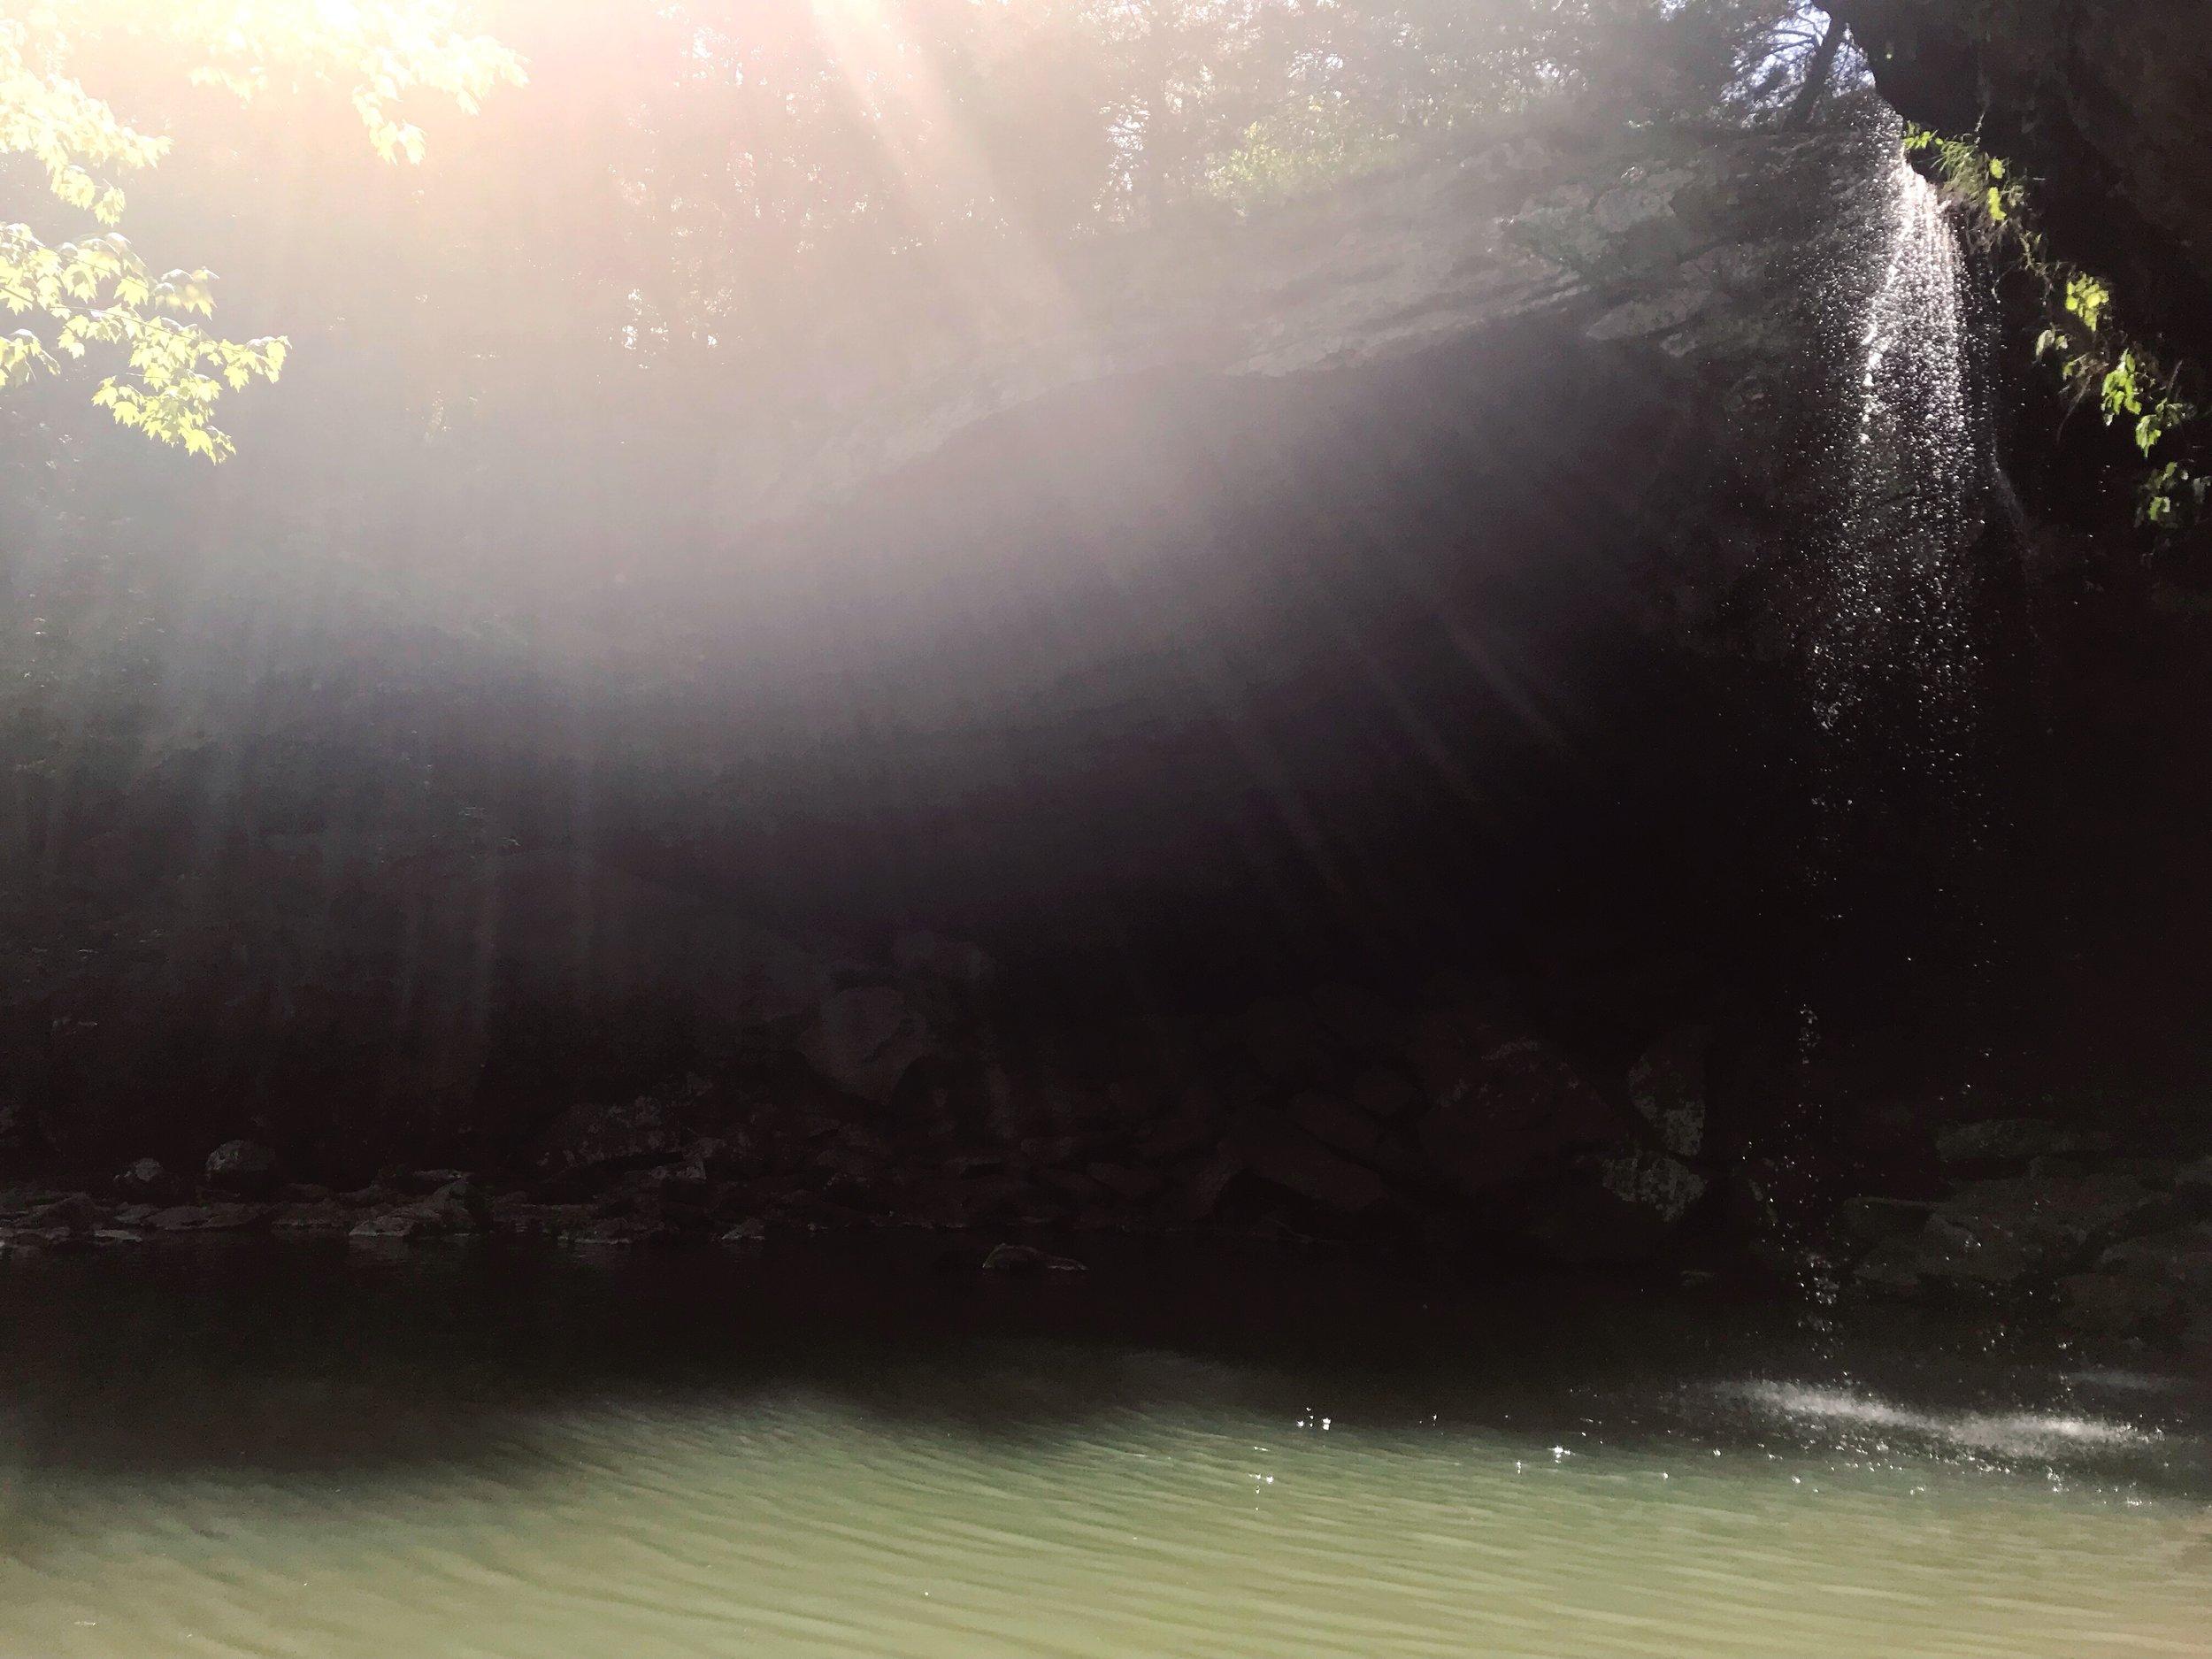 fern-clyffe-waterfall-3.JPG